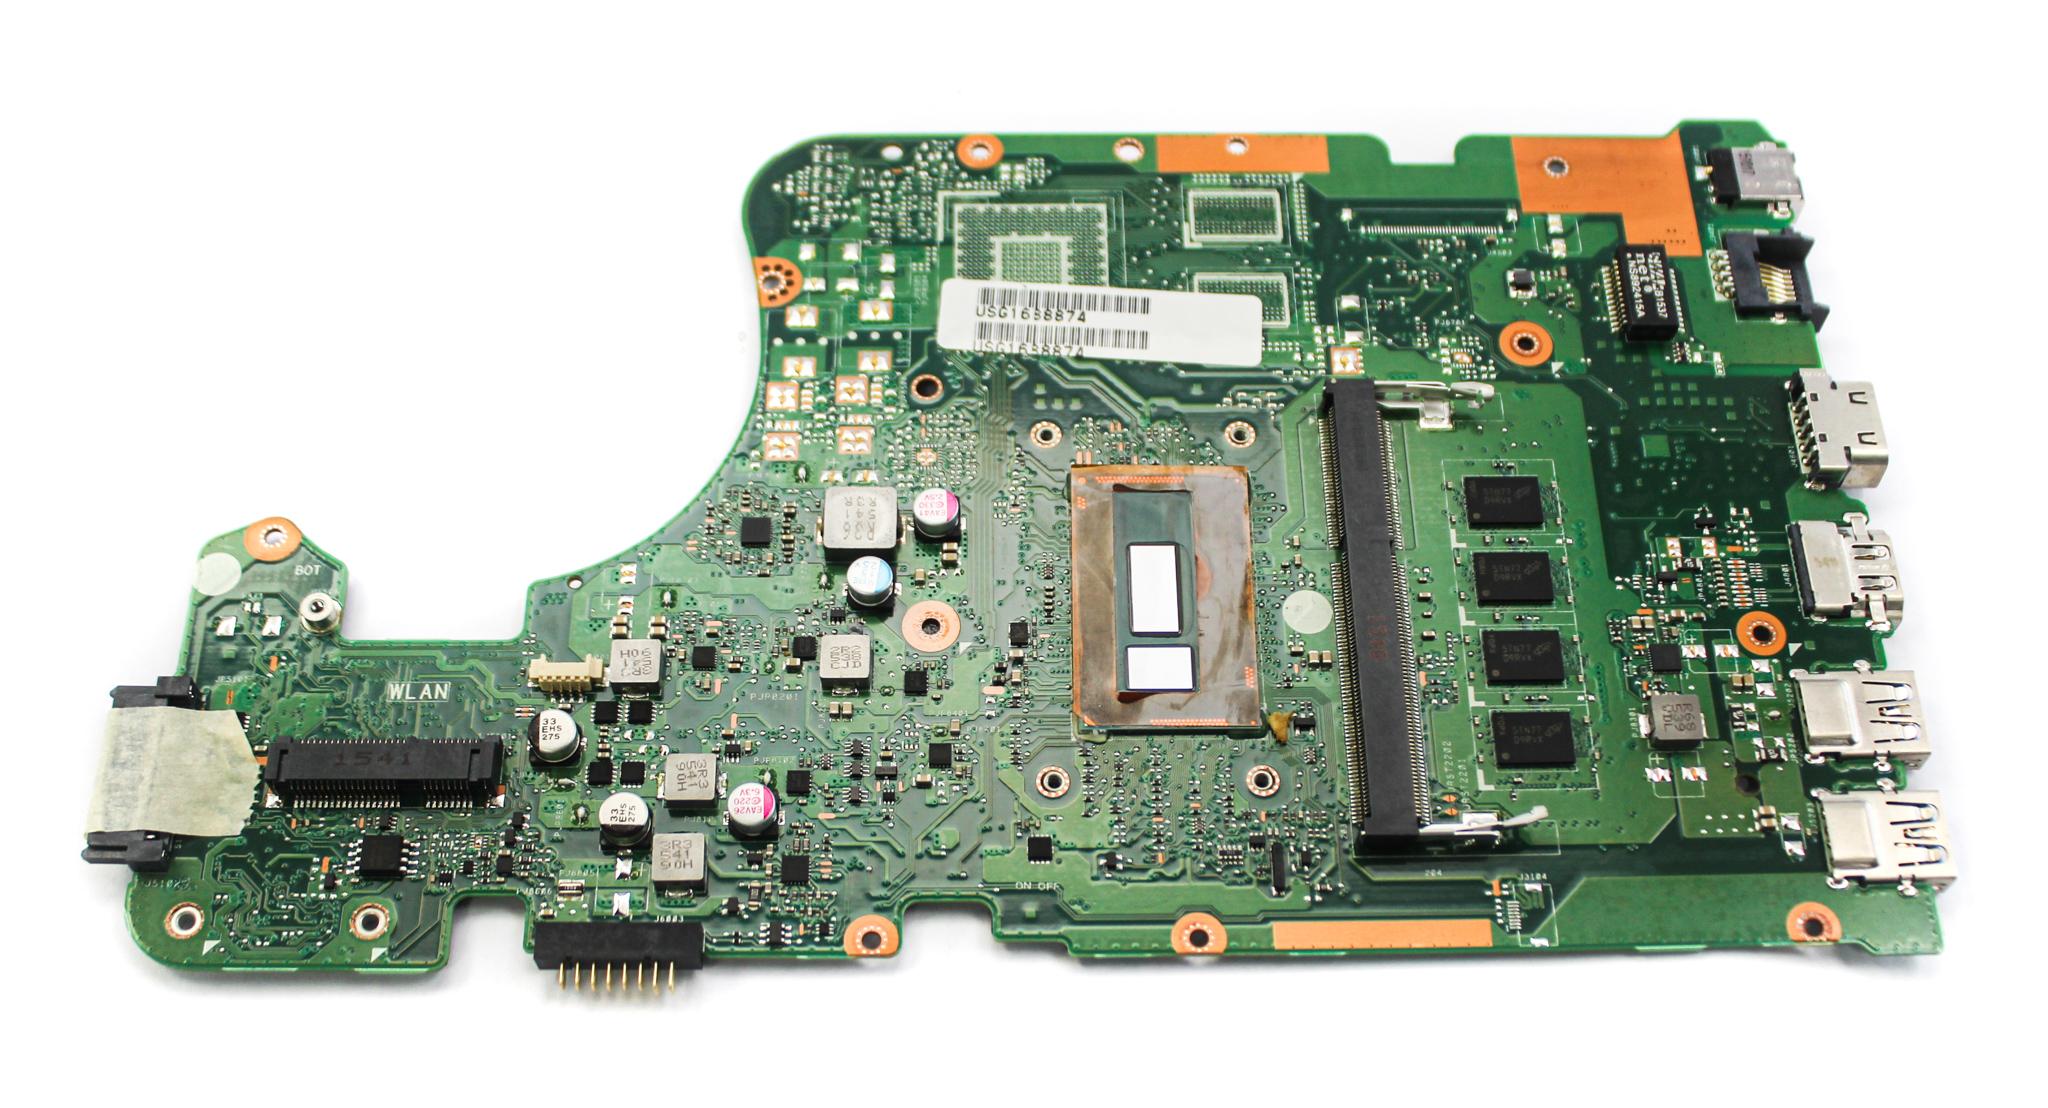 Asus 60NB0650-MB9210 Motherboard /w i7-5500U CPU /f X555L Series Laptop